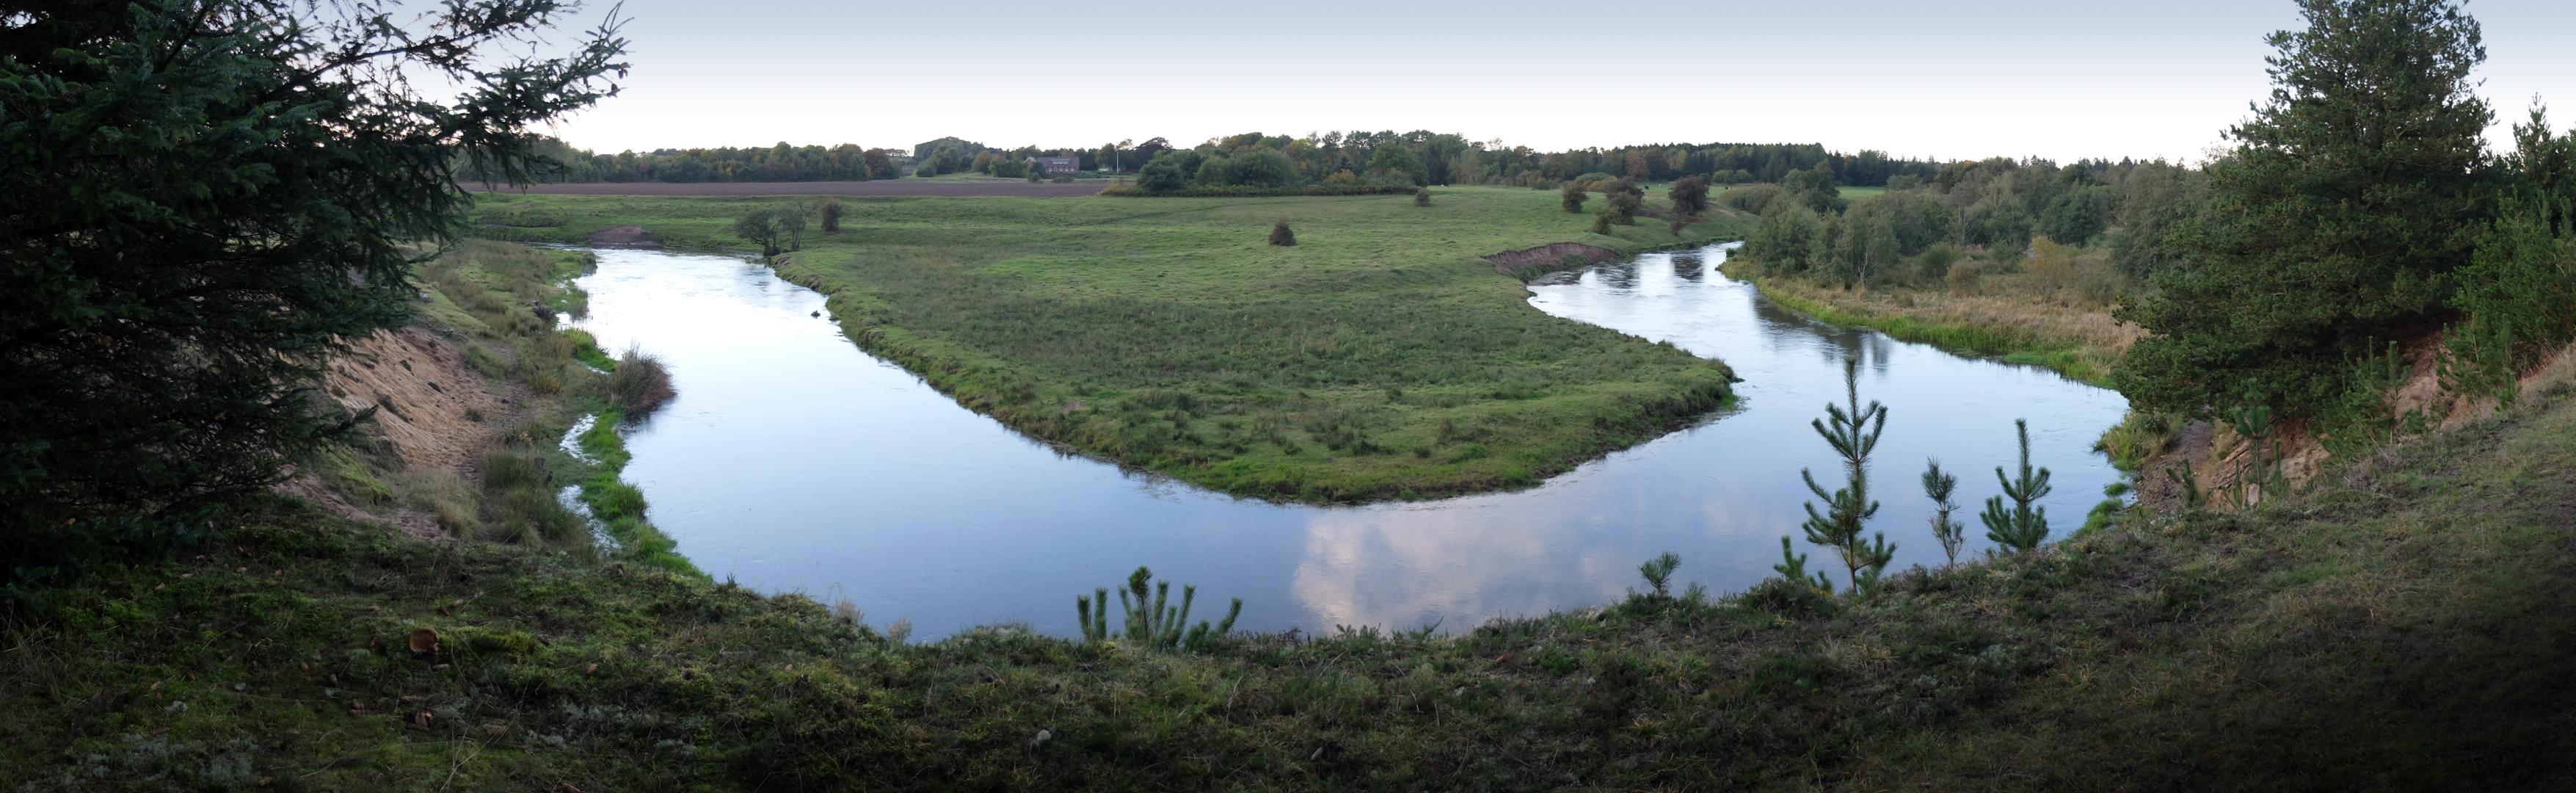 Skjern Å ved Skarrild er måske Danmarks smukkeste laksevand